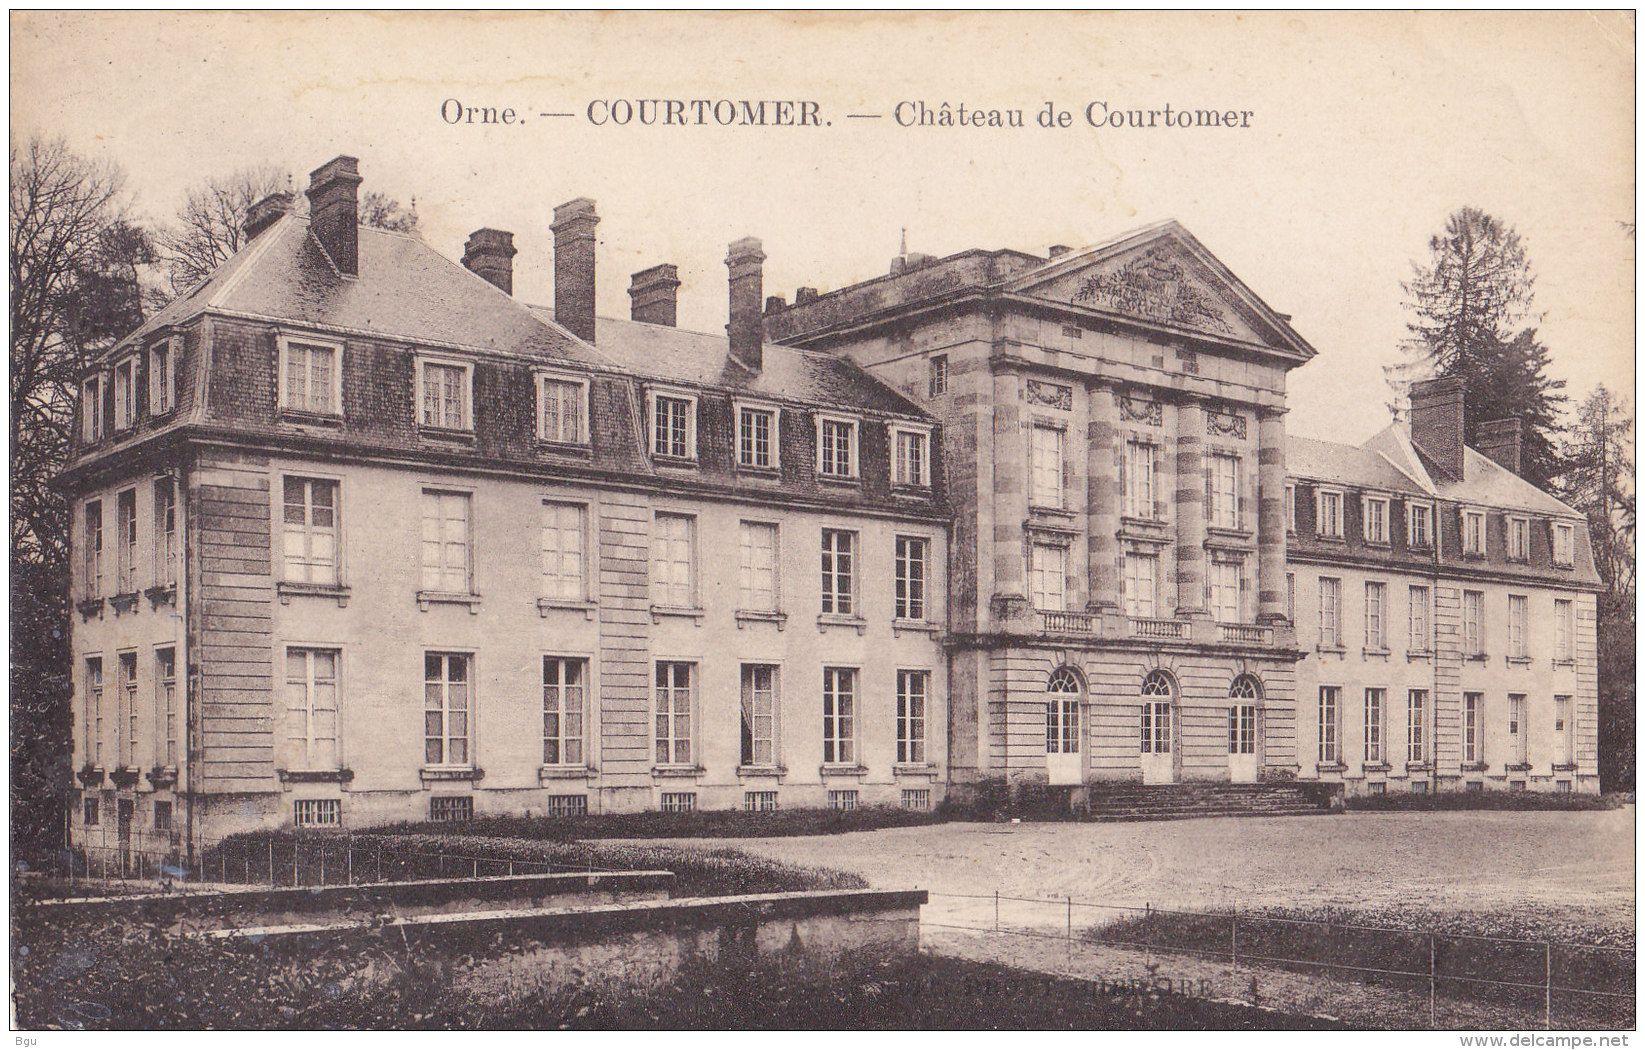 Courtomer - Courtomer (61) - Château